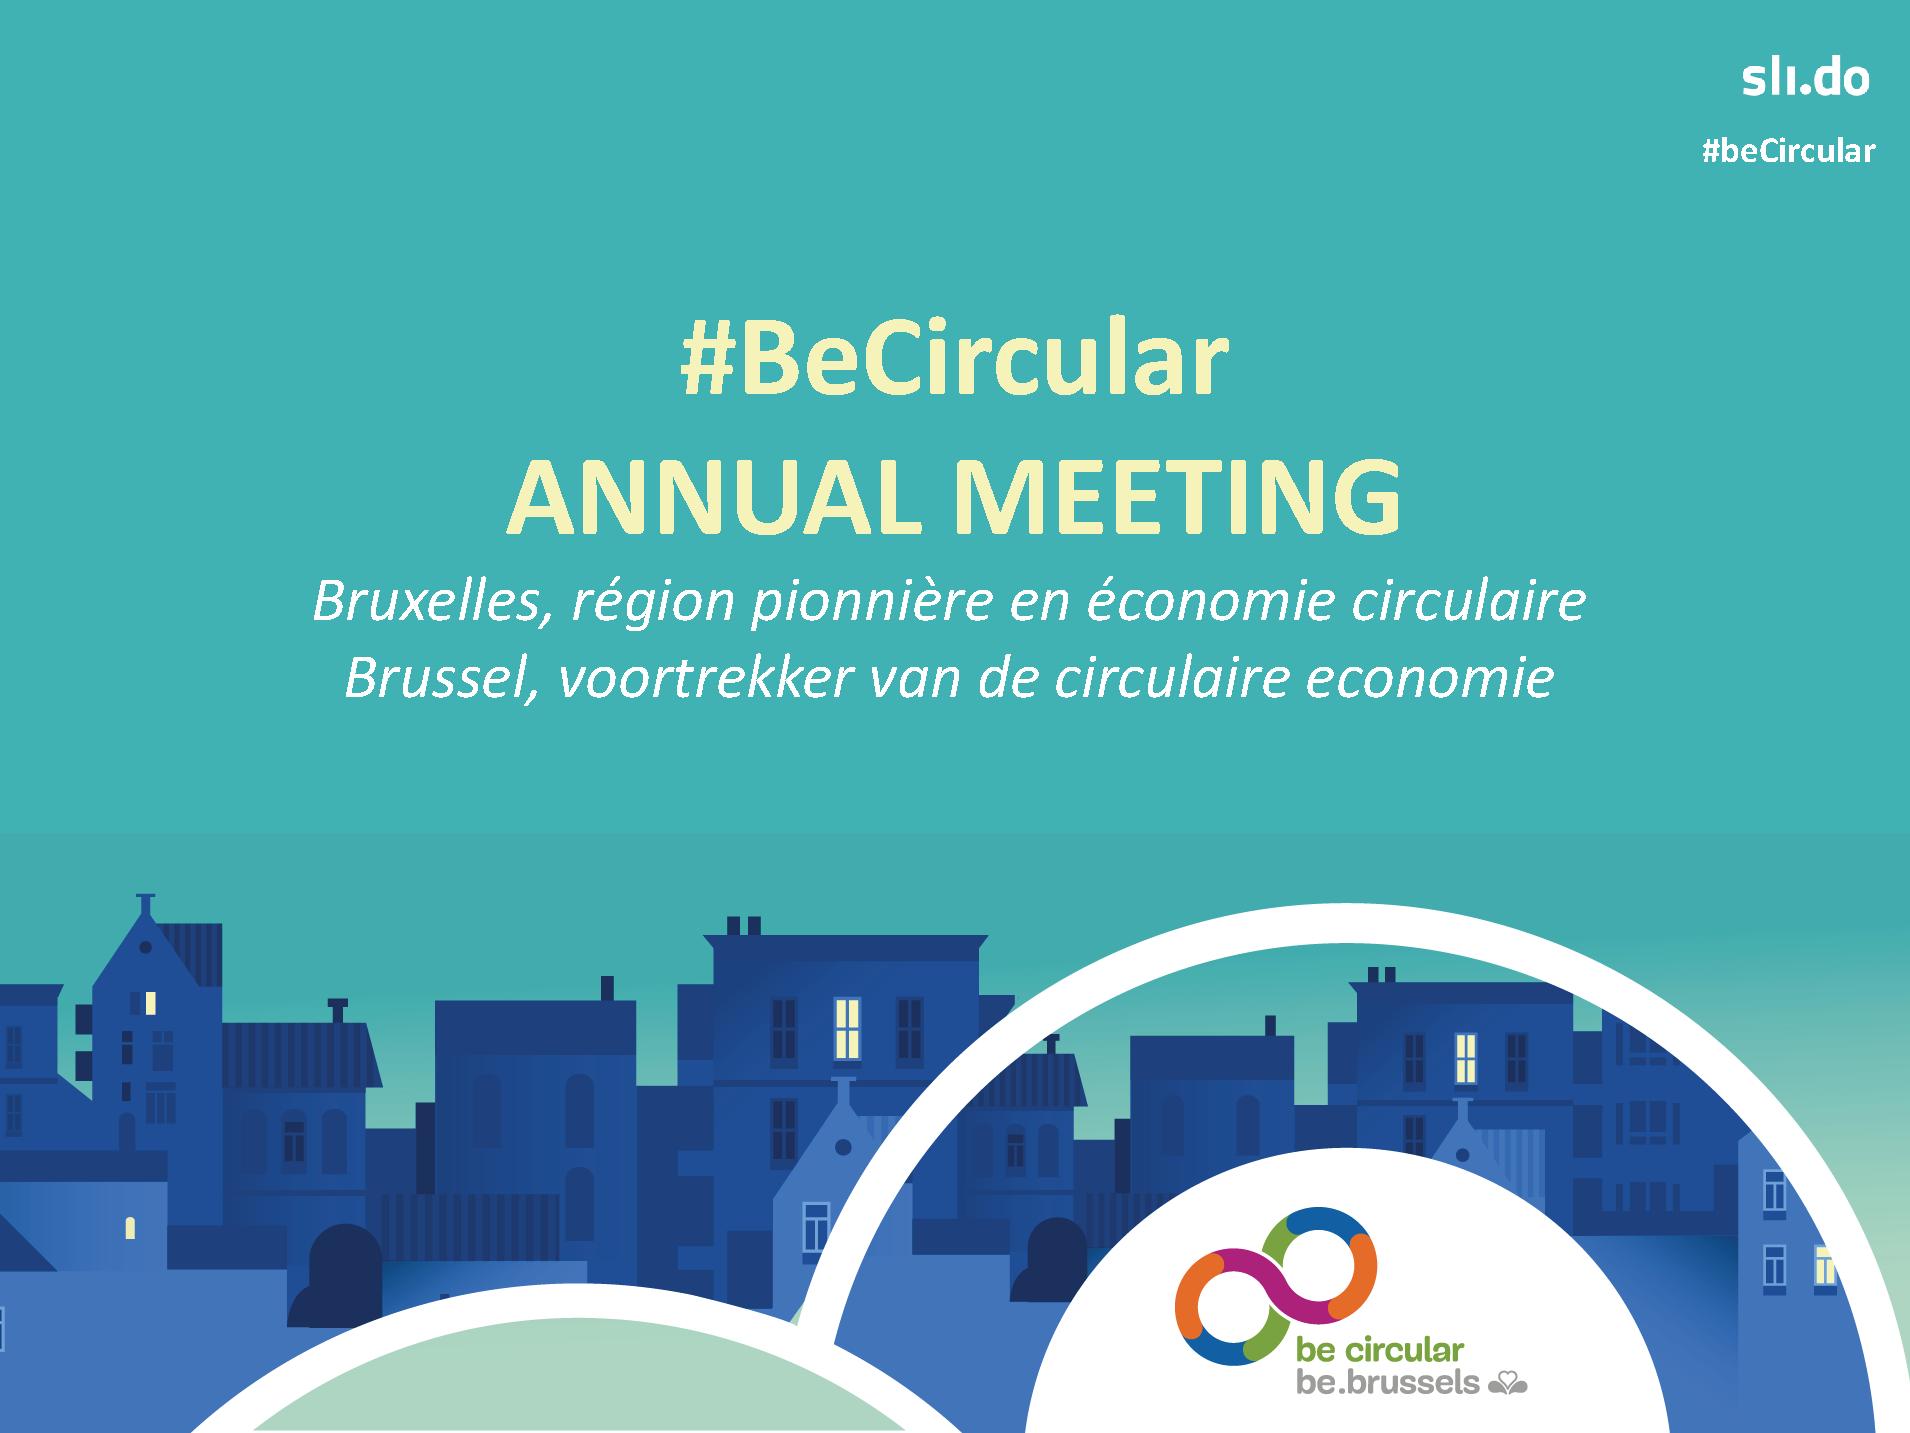 Be Circular Annual Meeting 2018 van het Gewestelijk Programma voor Circulaire Economie